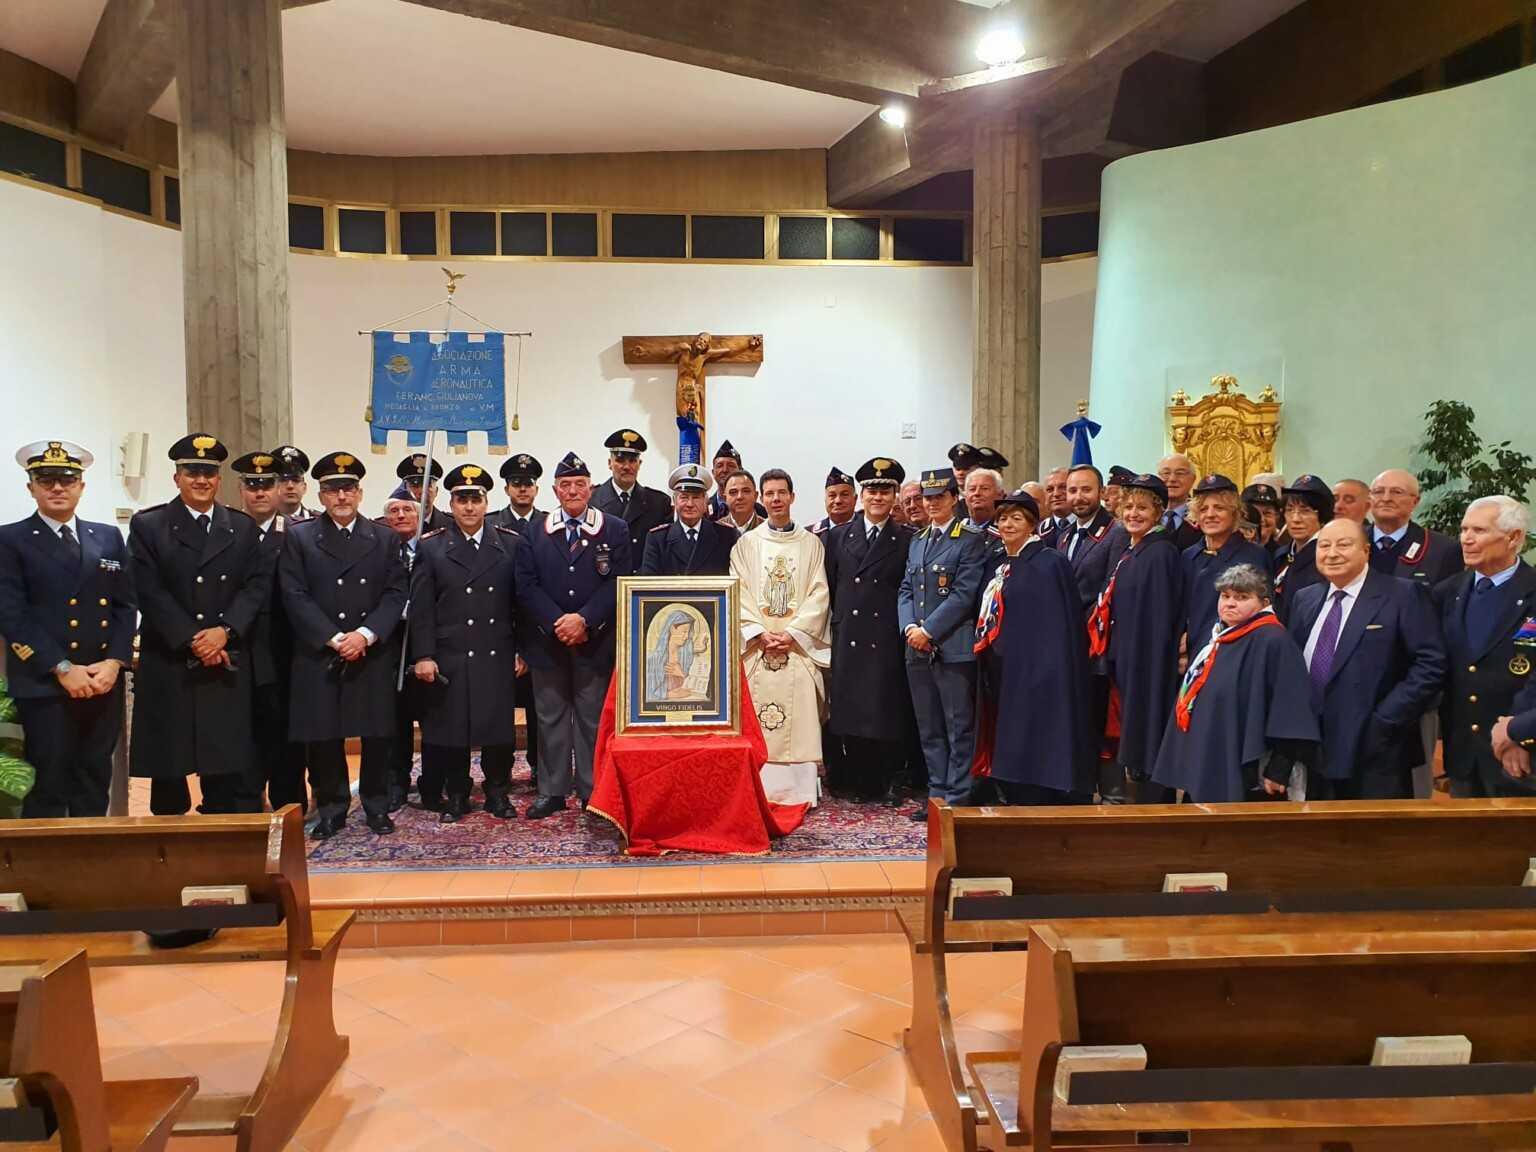 Giulianova, i Carabinieri commemorano la Virgo Fidelis Santa Patrona dell'Arma